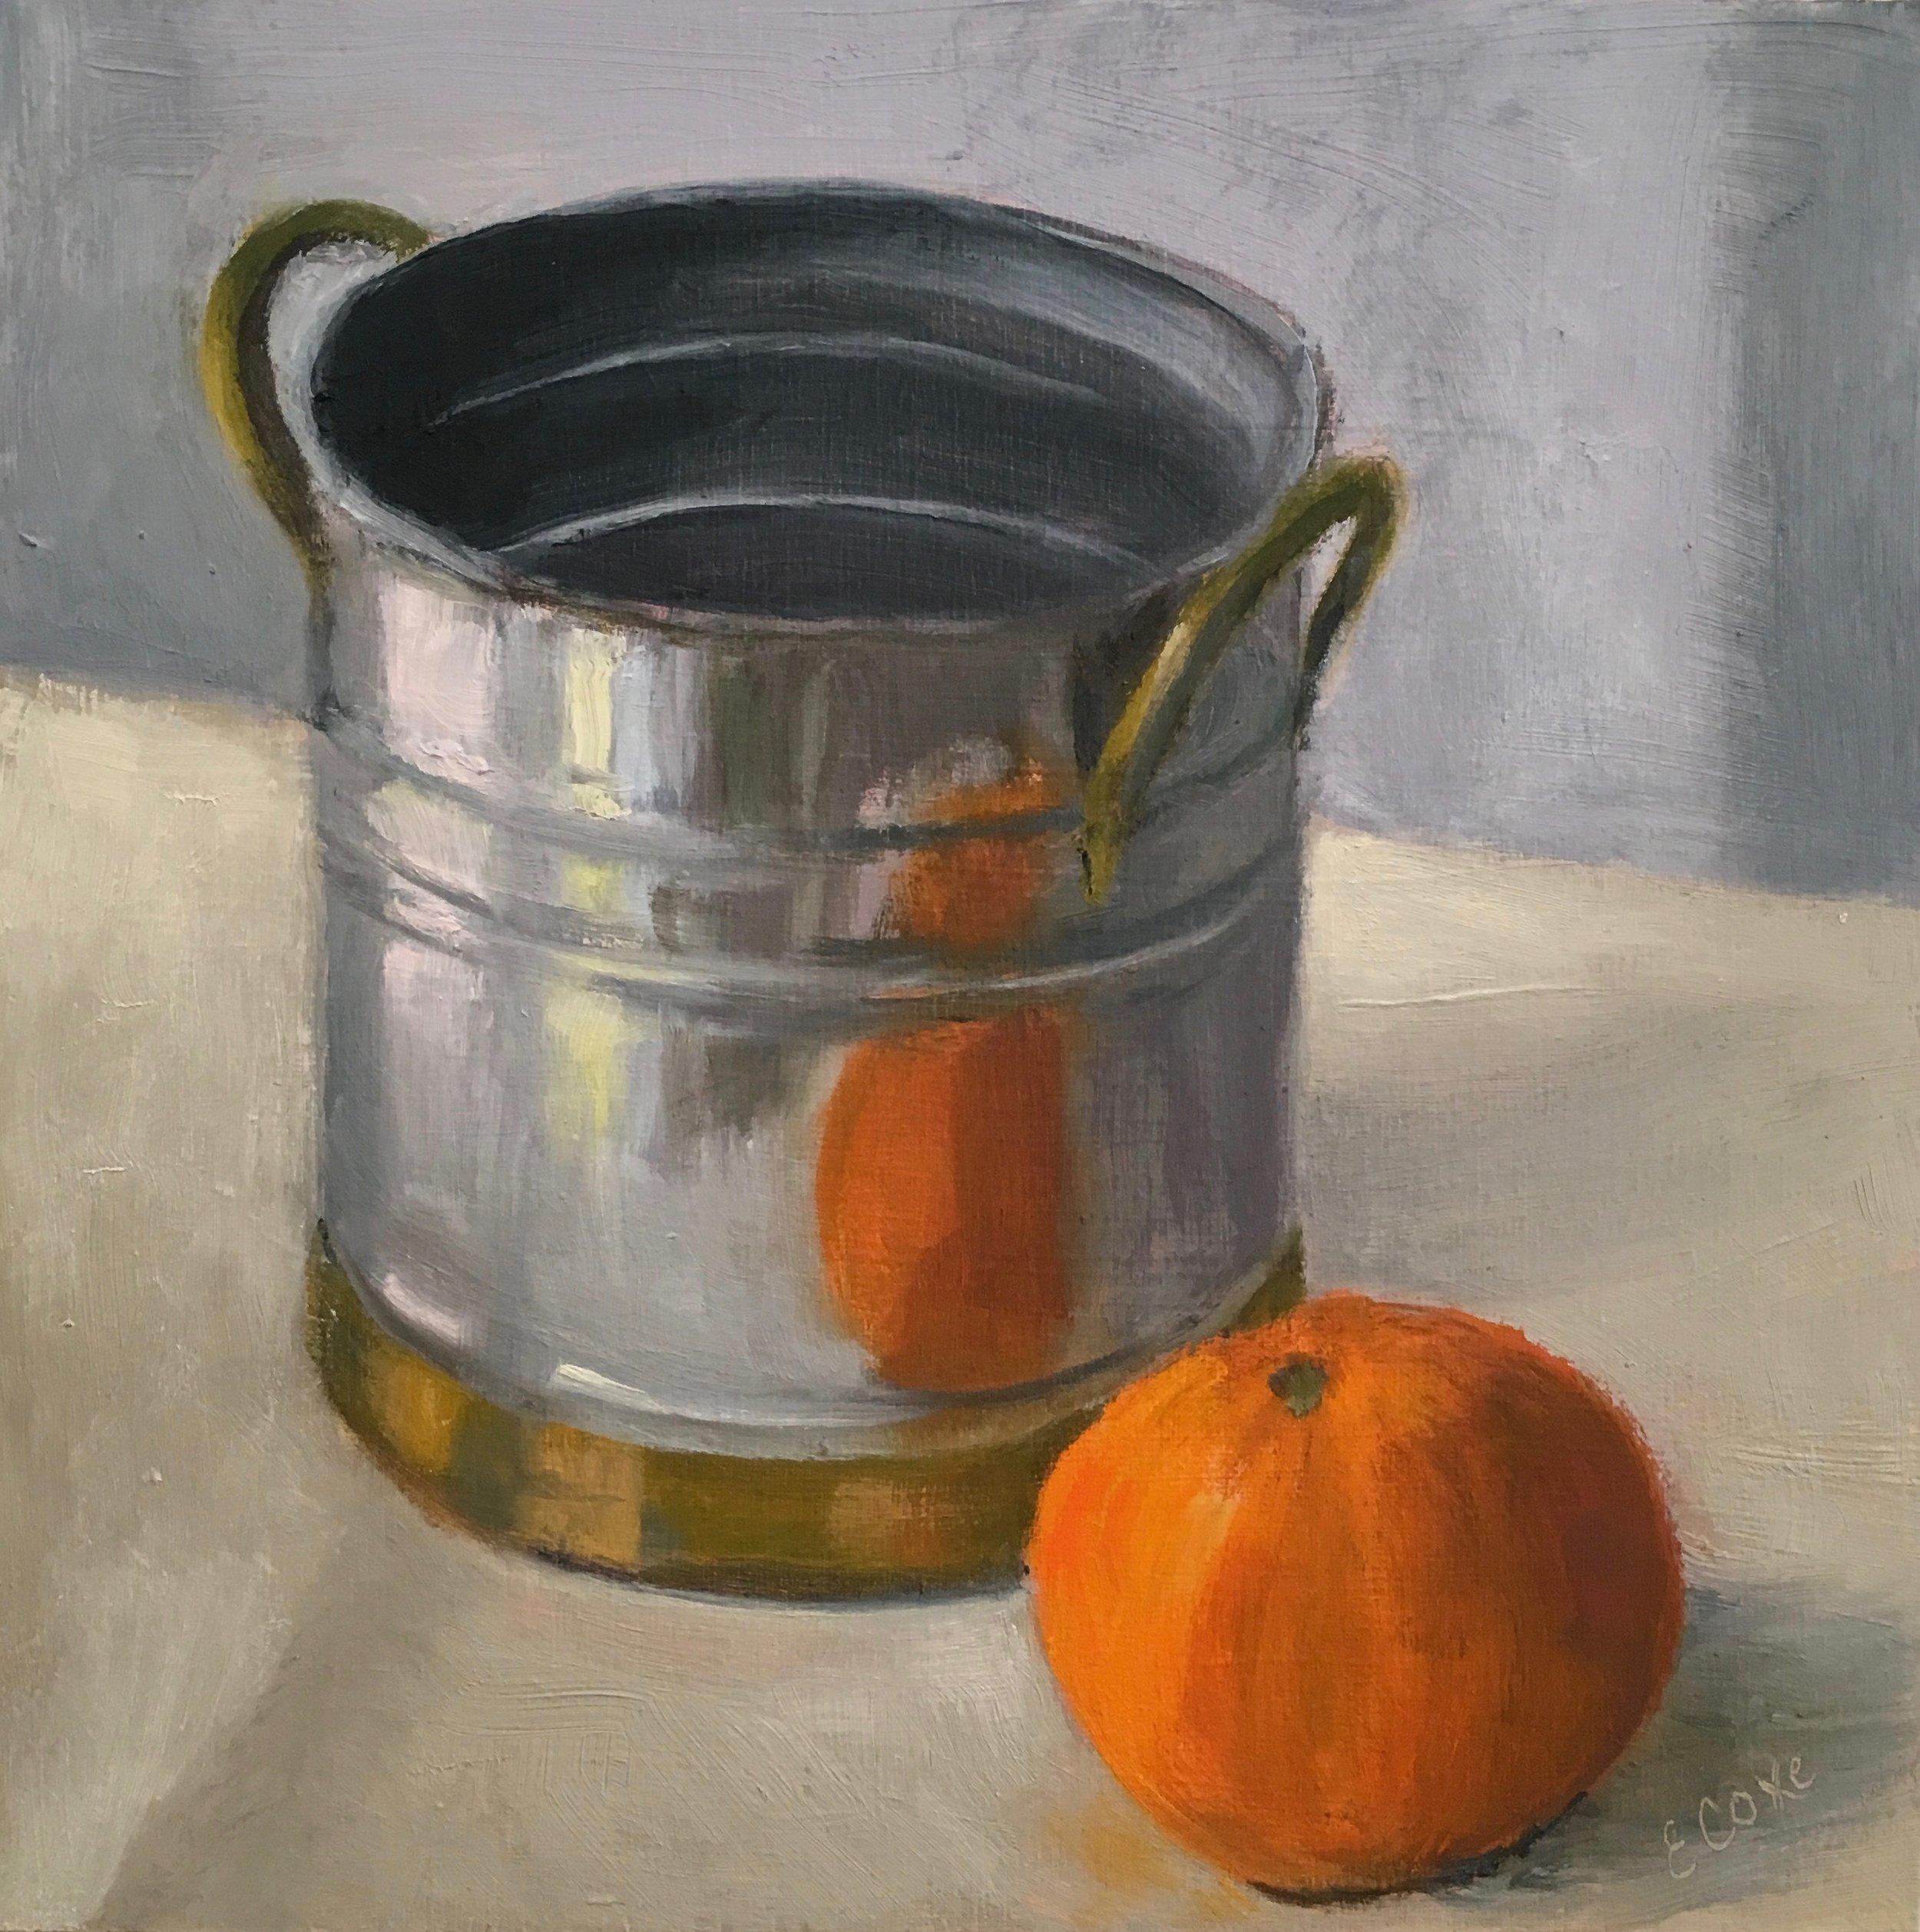 Tin Pot and Mandarin